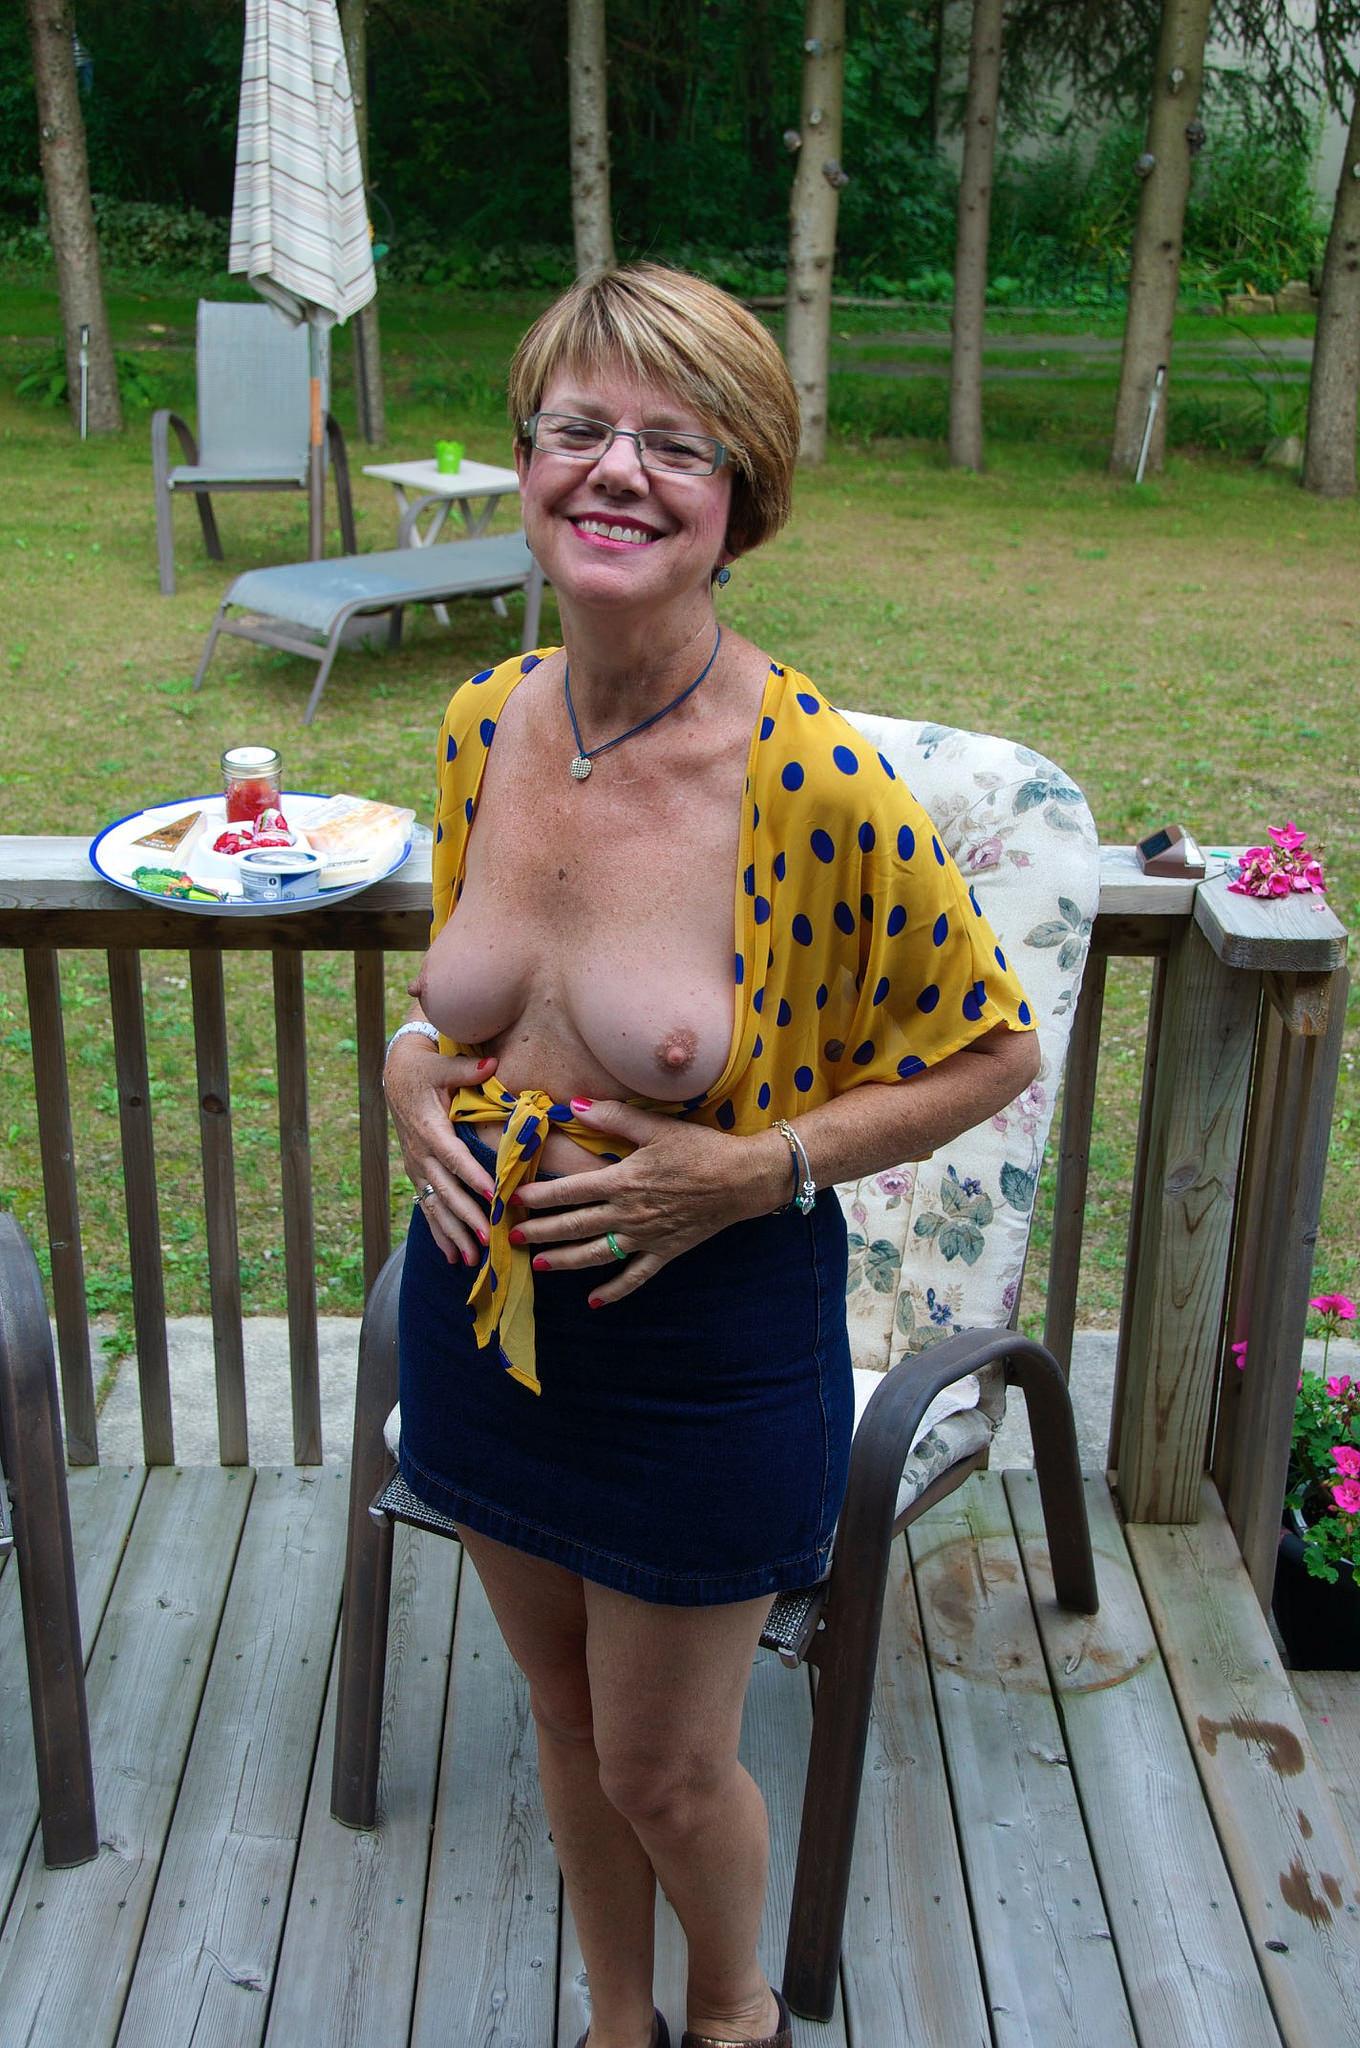 Women naked over 50